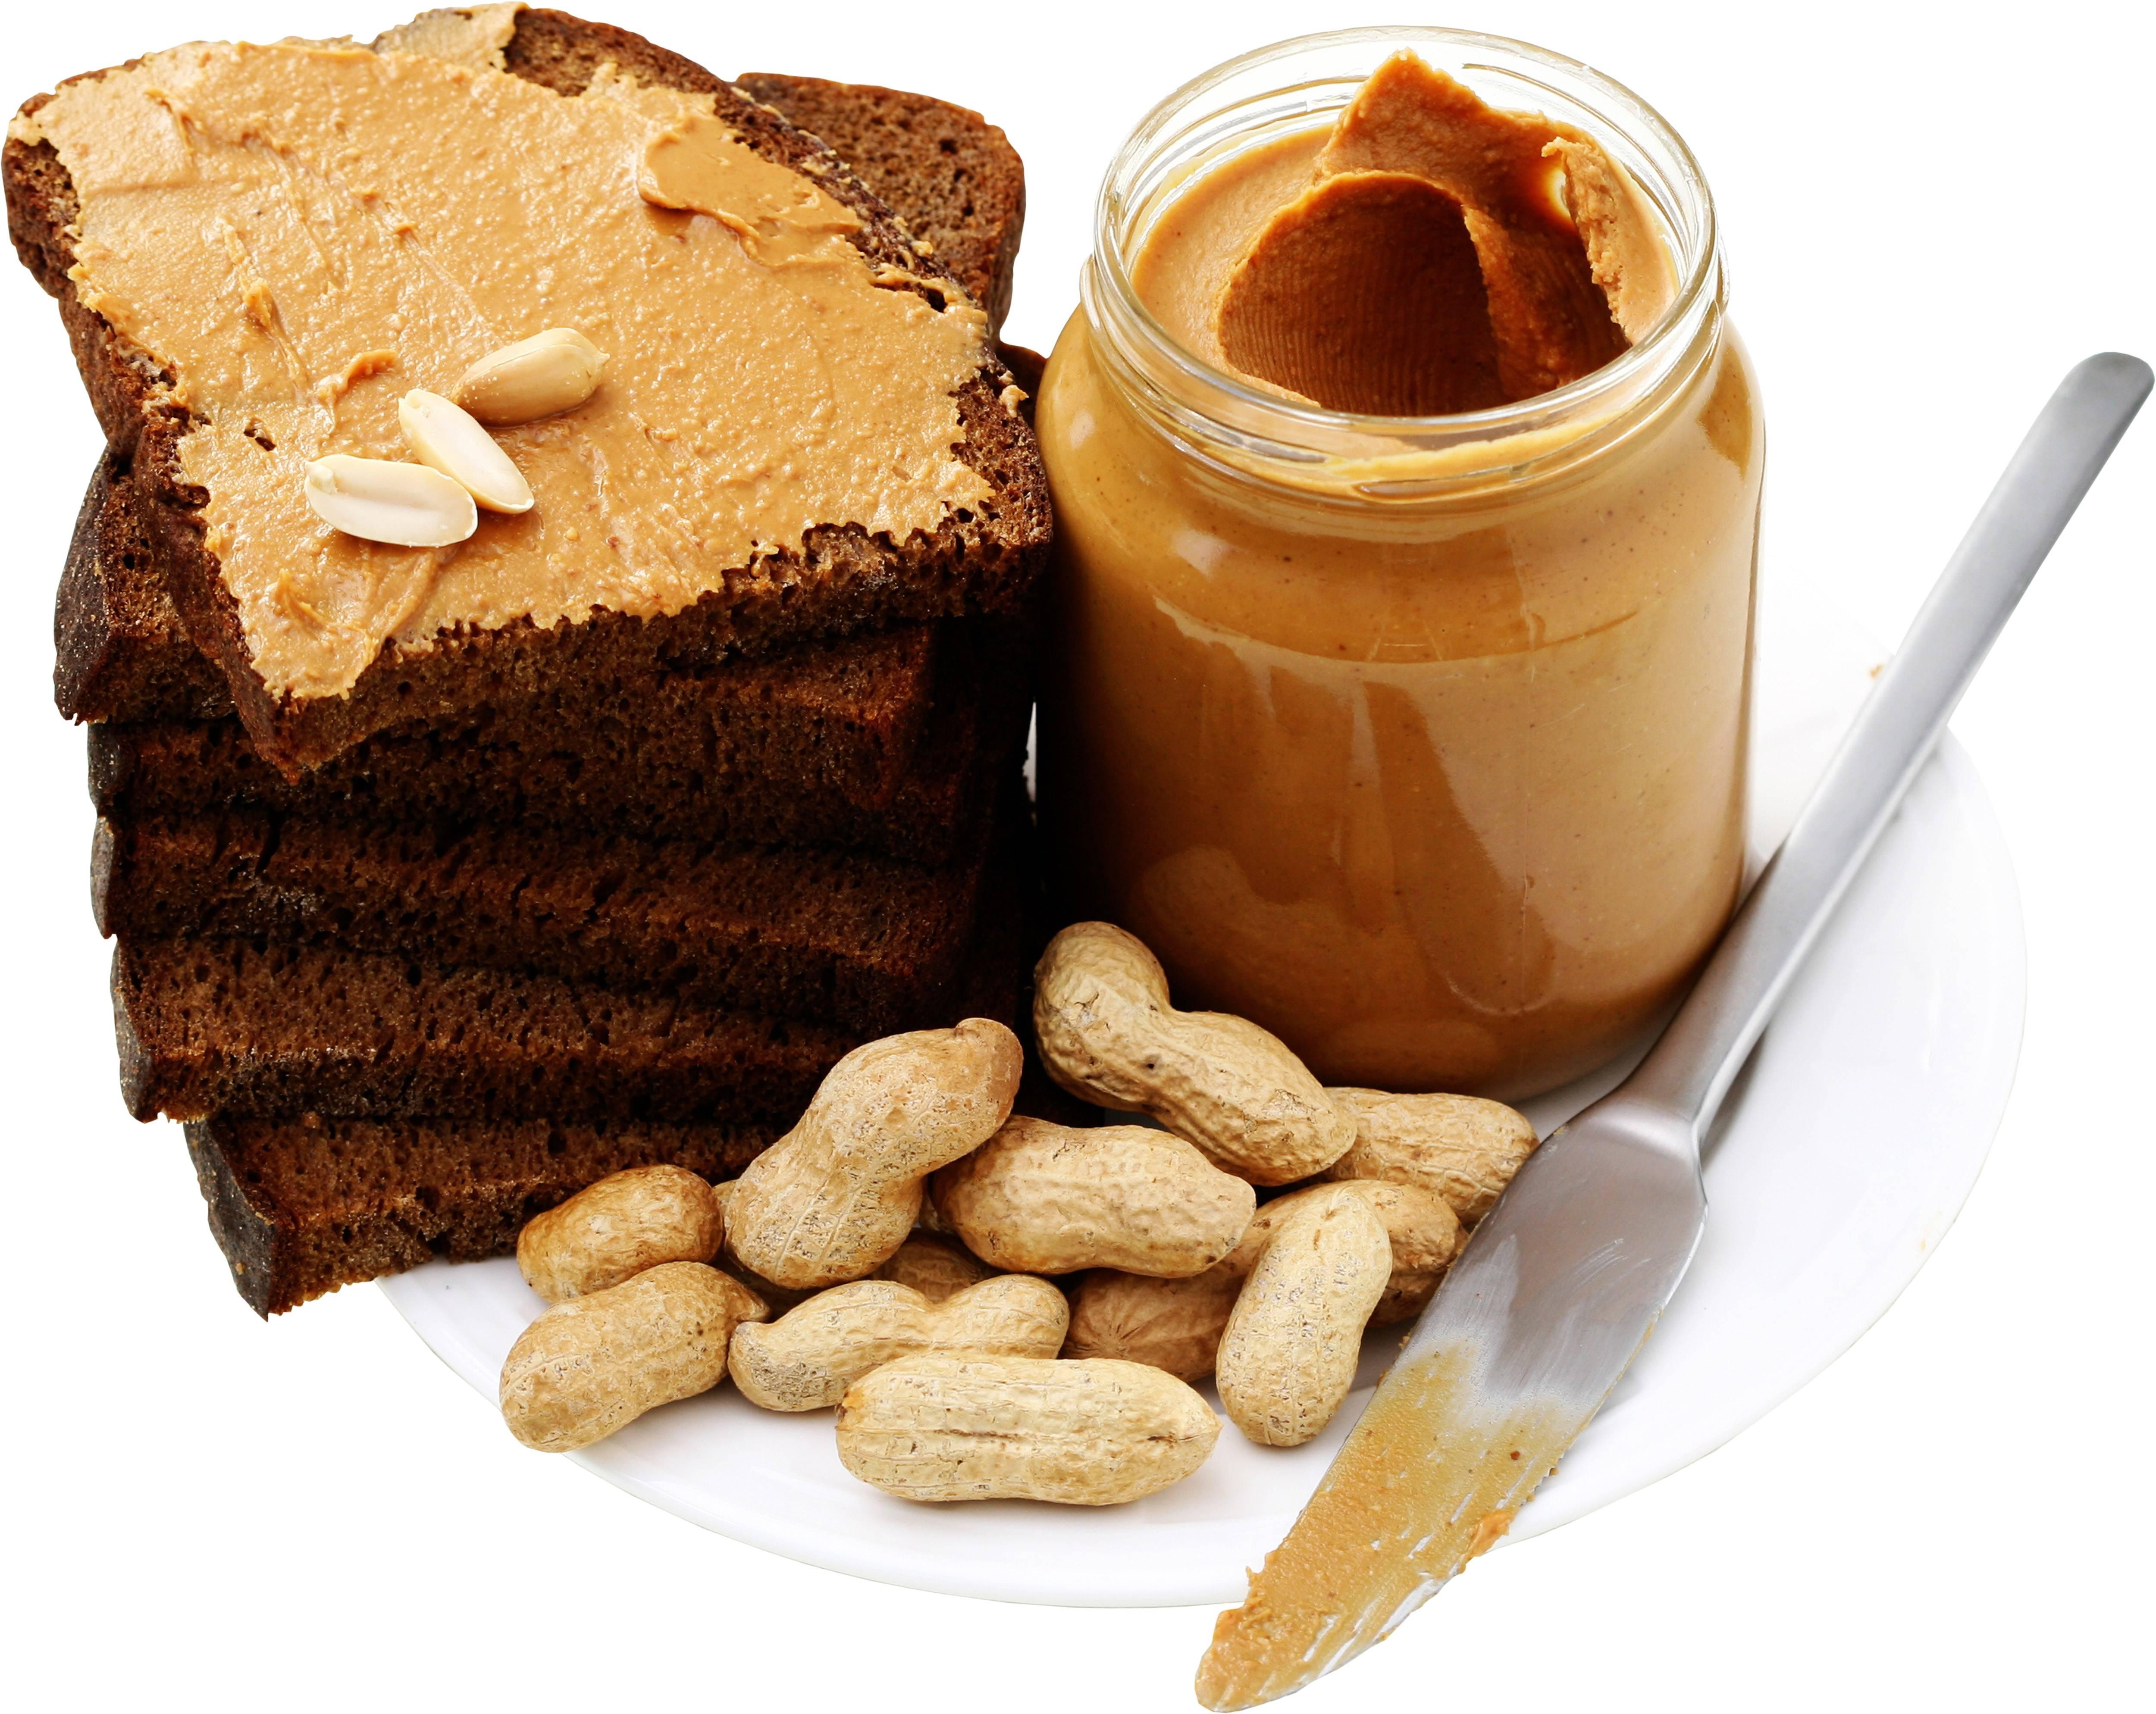 Все об арахисовой пасте: польза и вред, рецепт приготовления в домашних условиях, с чем едят, состав